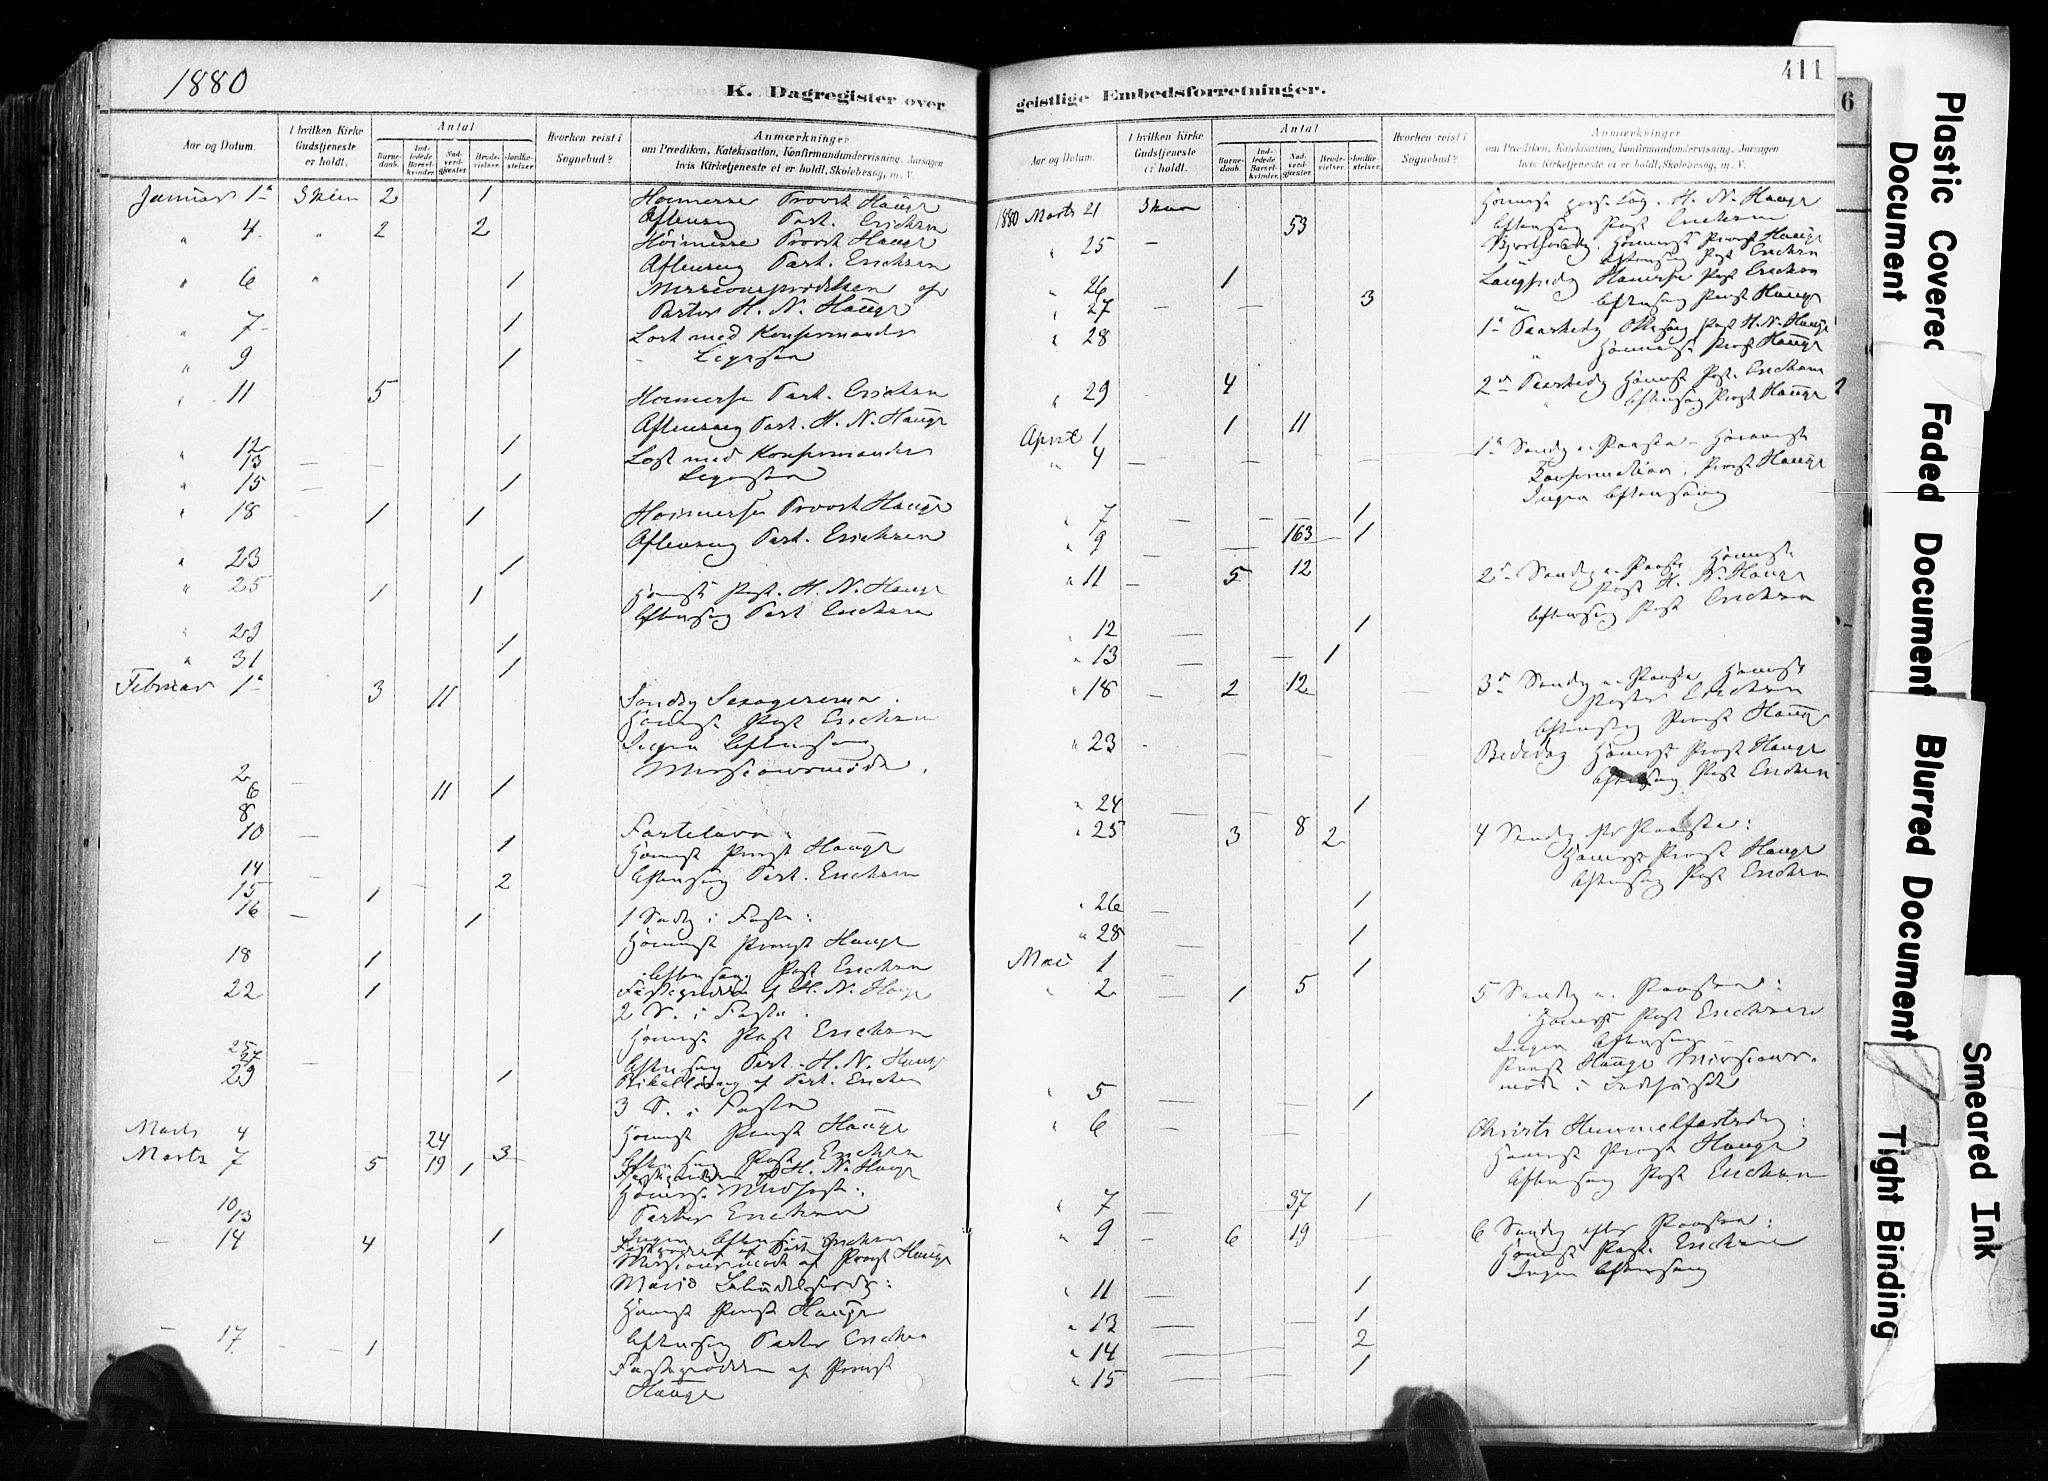 SAKO, Skien kirkebøker, F/Fa/L0009: Ministerialbok nr. 9, 1878-1890, s. 411